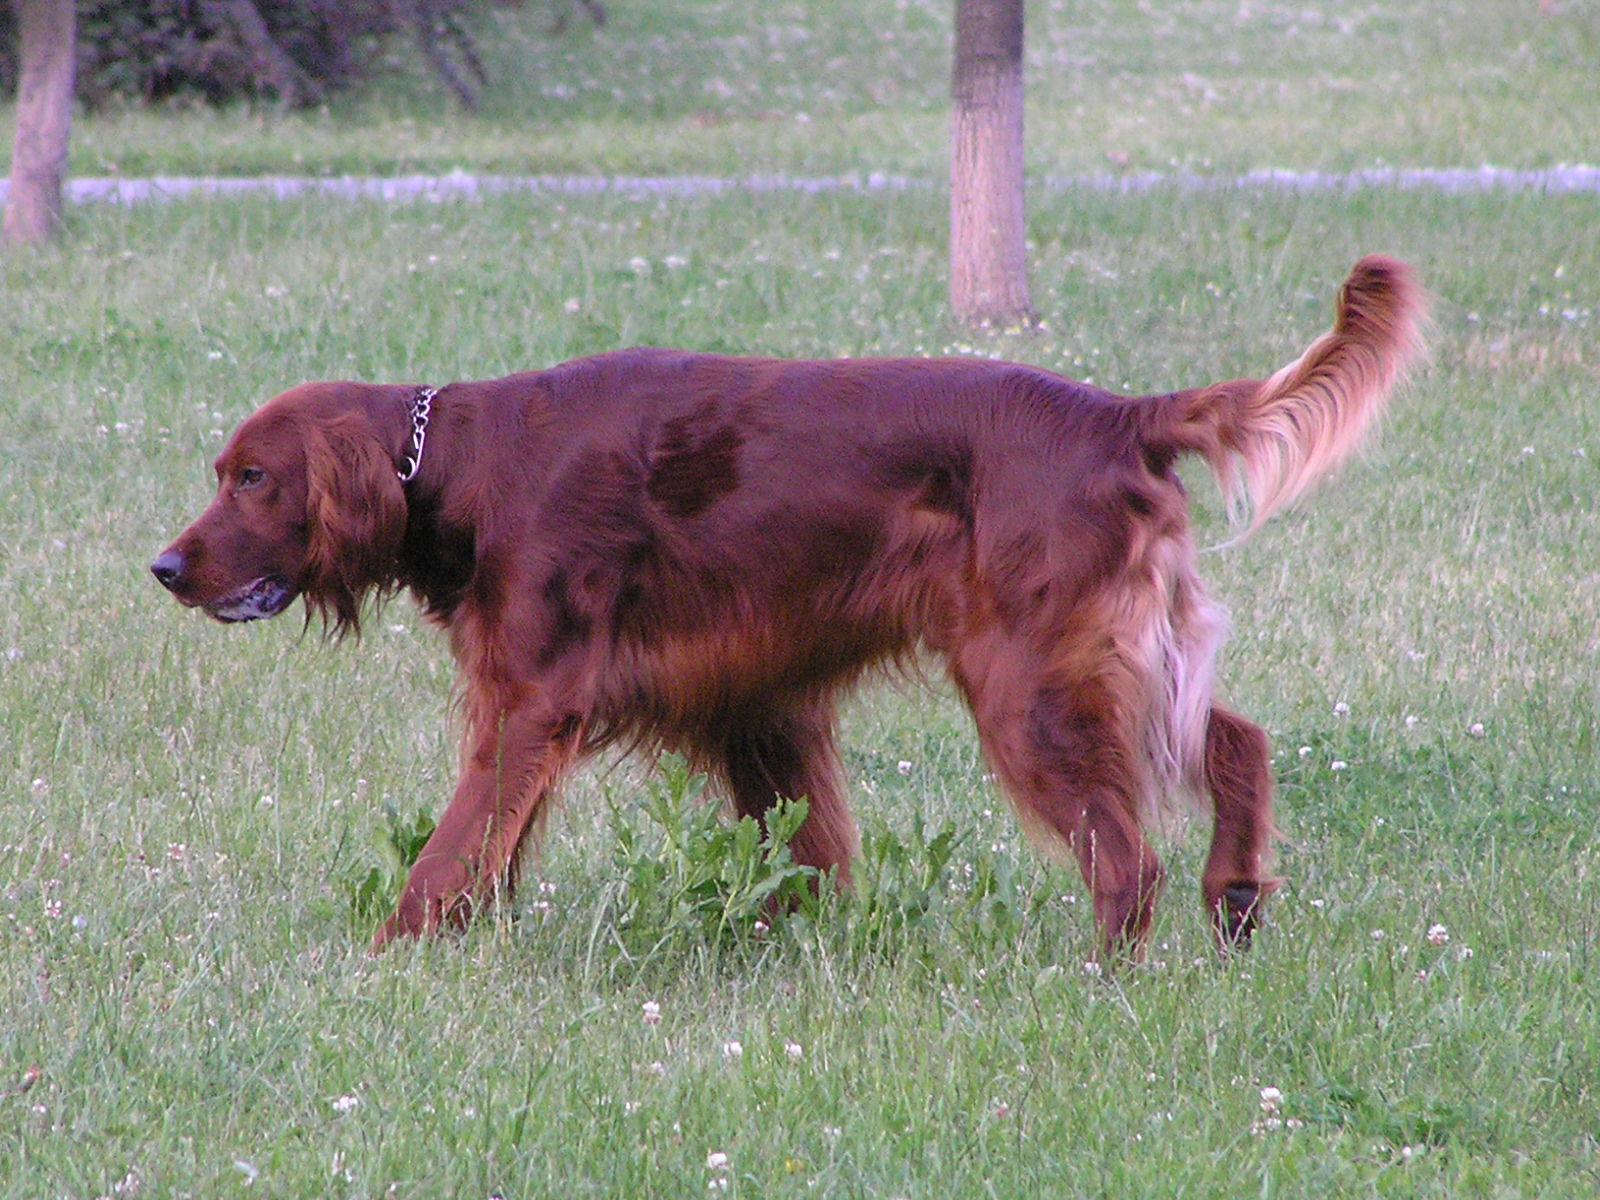 Jaką Rase Ma Pies Który Jest Duży I Ma Długą Rudą Sierść